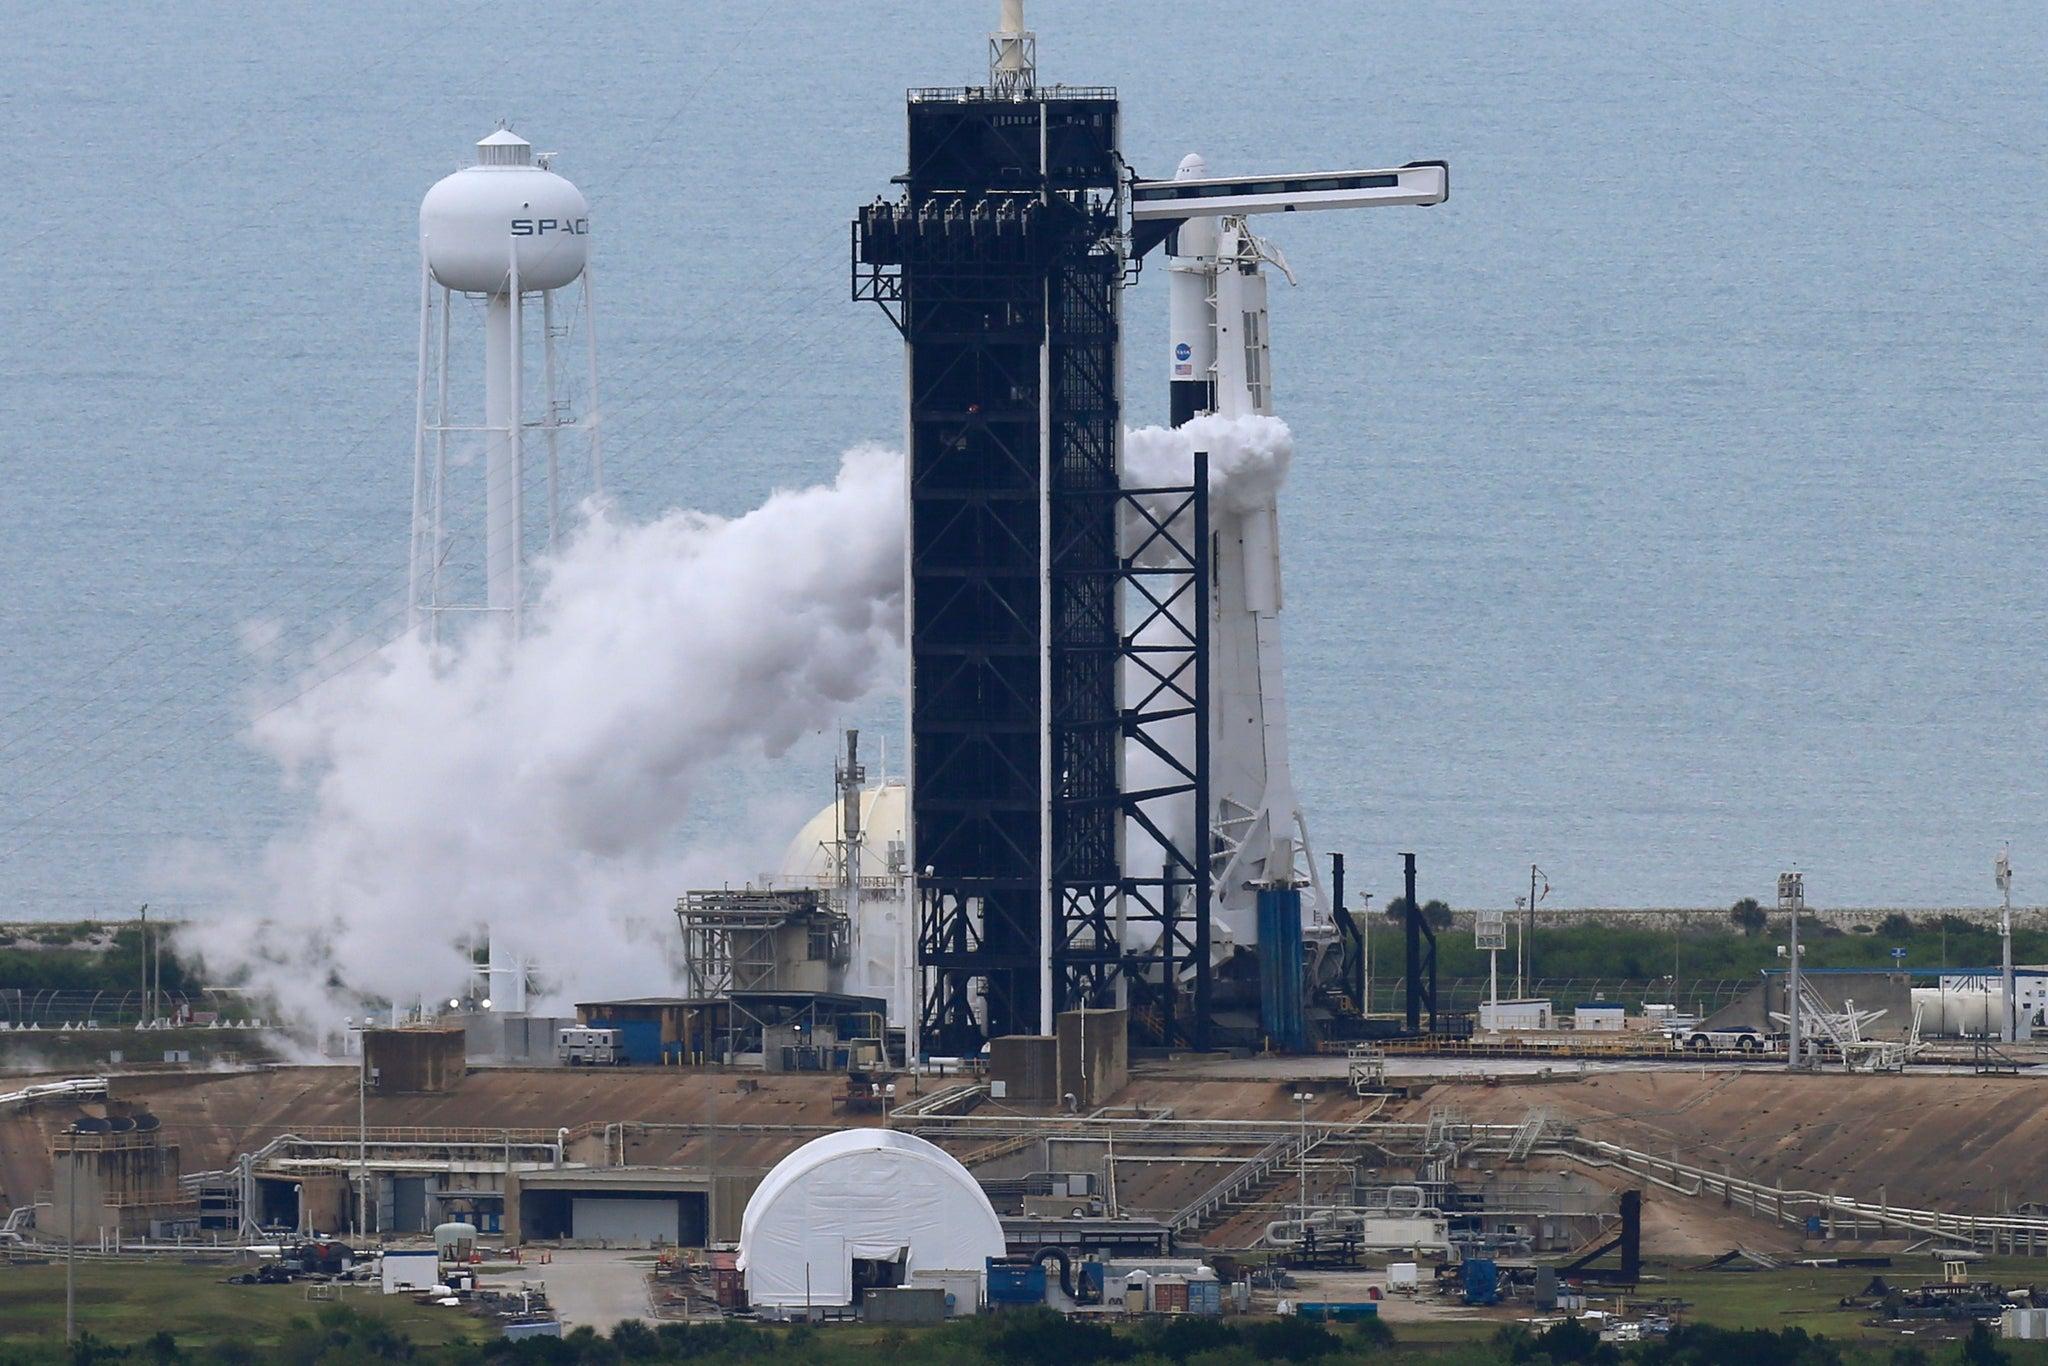 ¡Hasta el sábado! NASA y SpaceX cancelan su misión tripulada al espacio